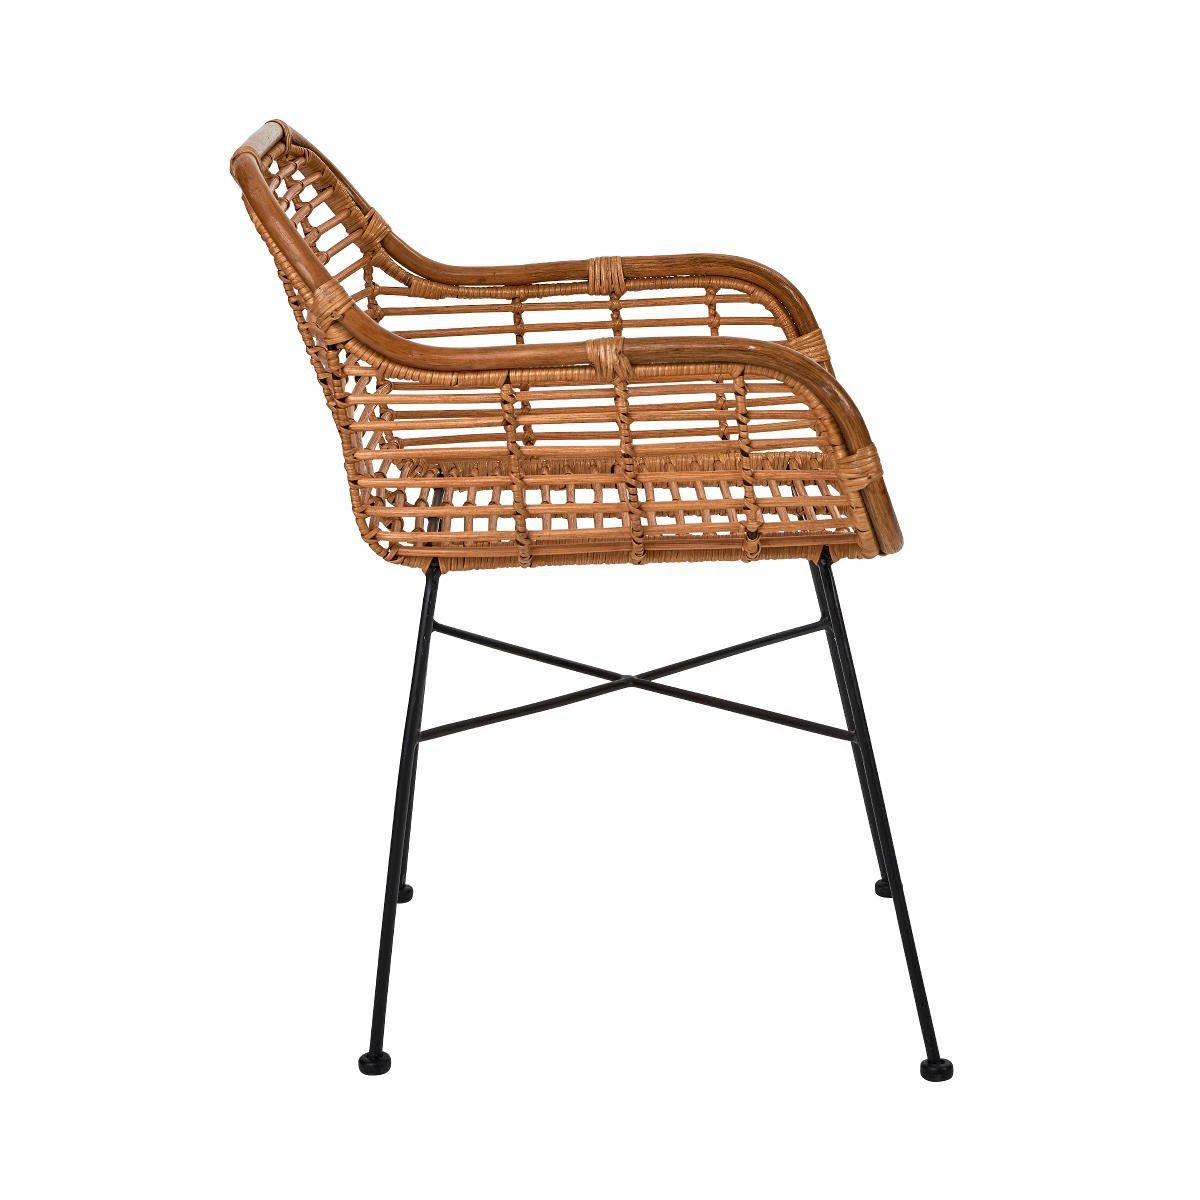 Bild 3 von Rattan-Sessel mit Armlehnen